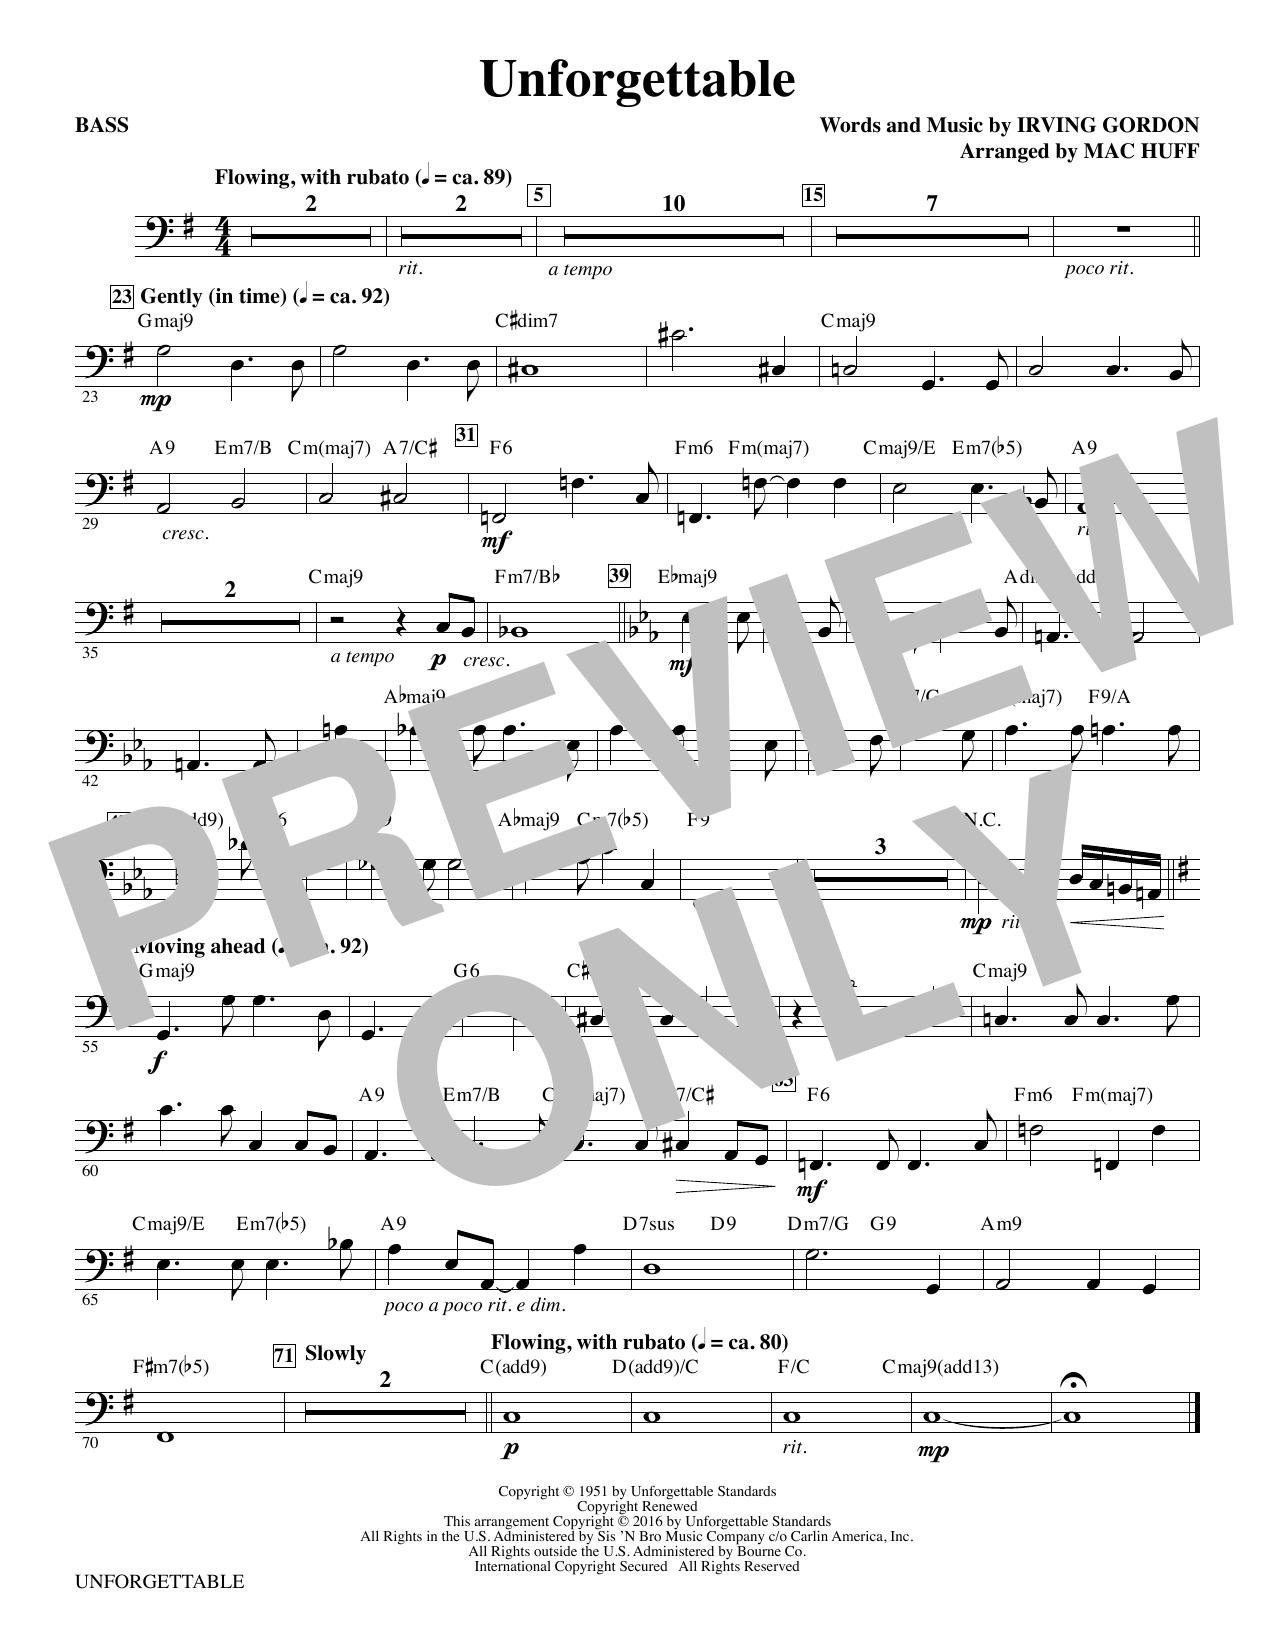 Unforgettable - Bass Sheet Music